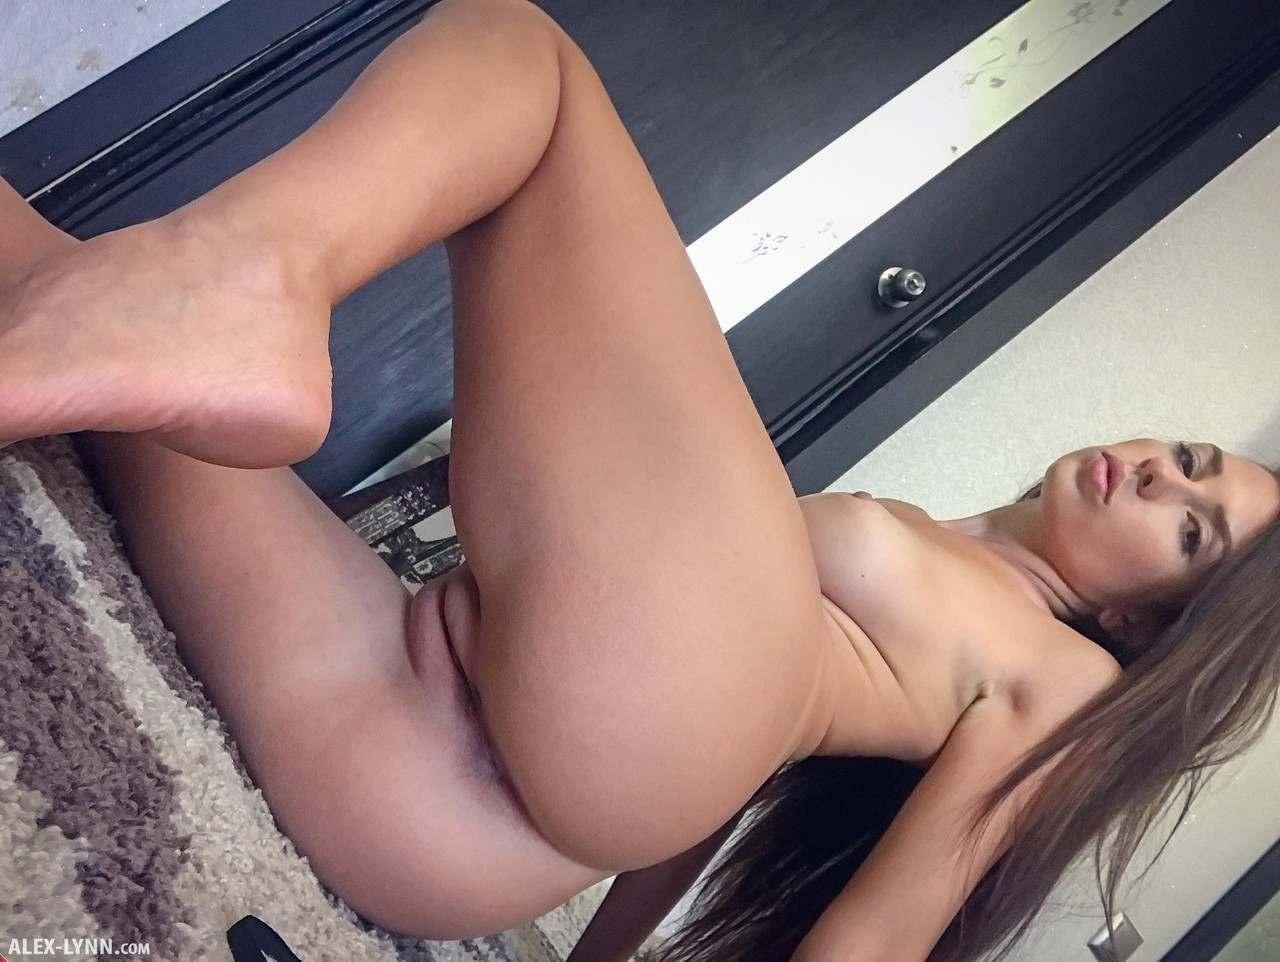 fotos de novinhas nuas